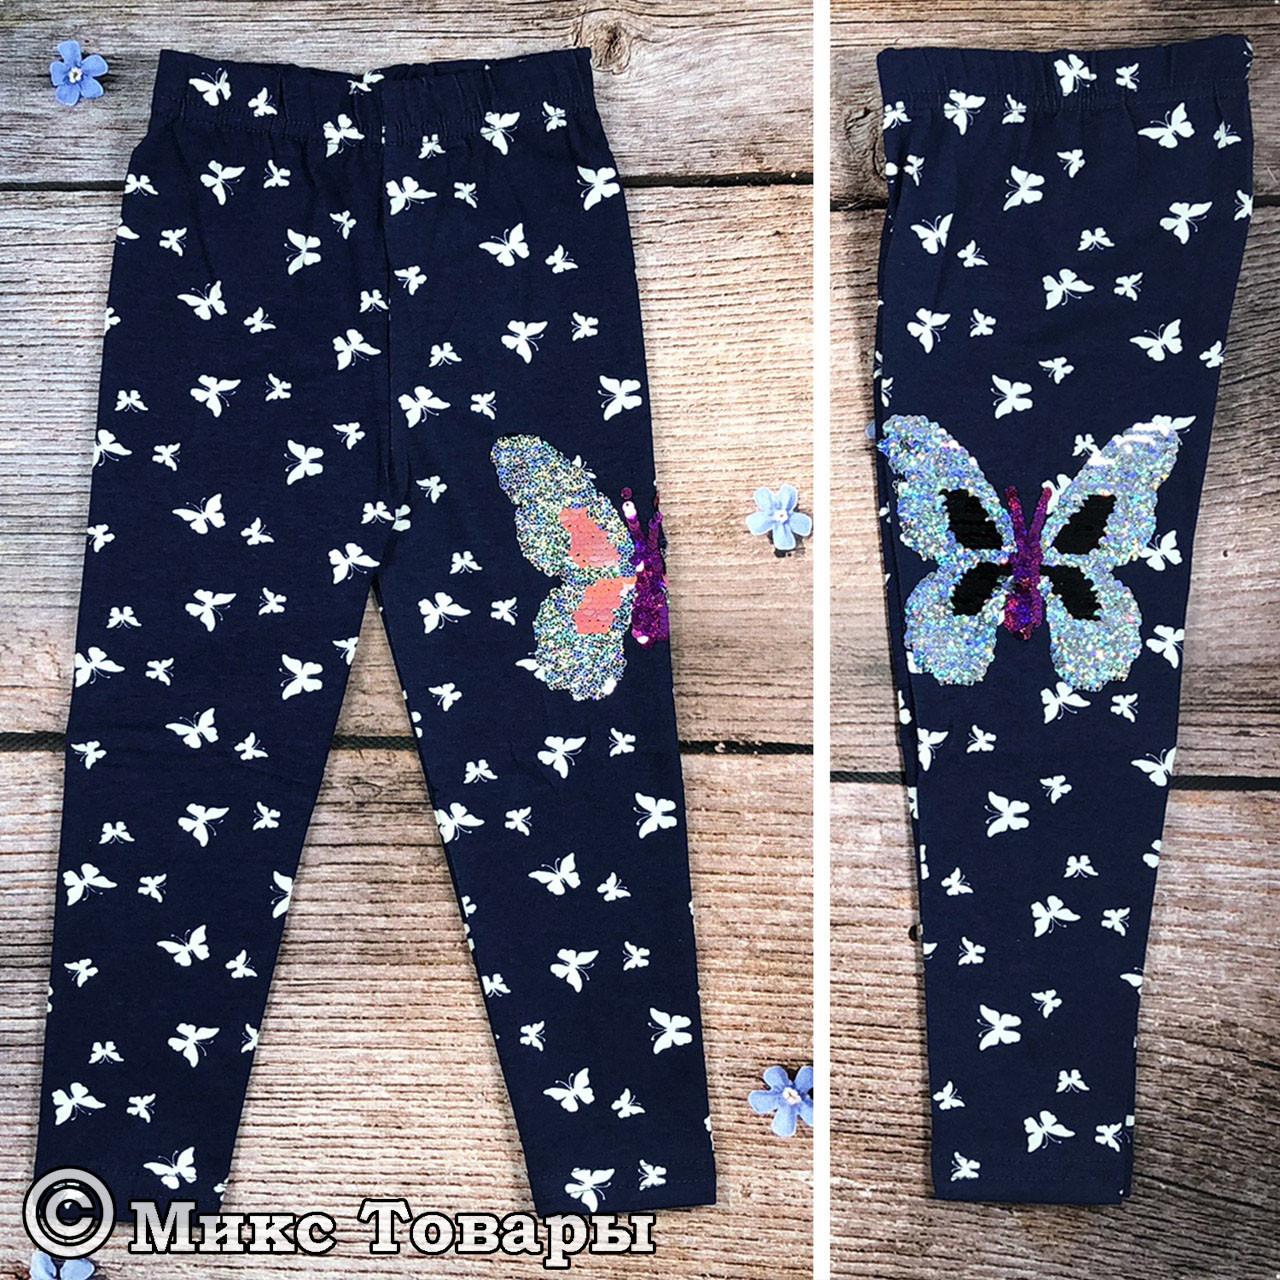 Детские лосины с бабочкой перевёртышем Размеры: 92,98,104,110,116 см (7698)